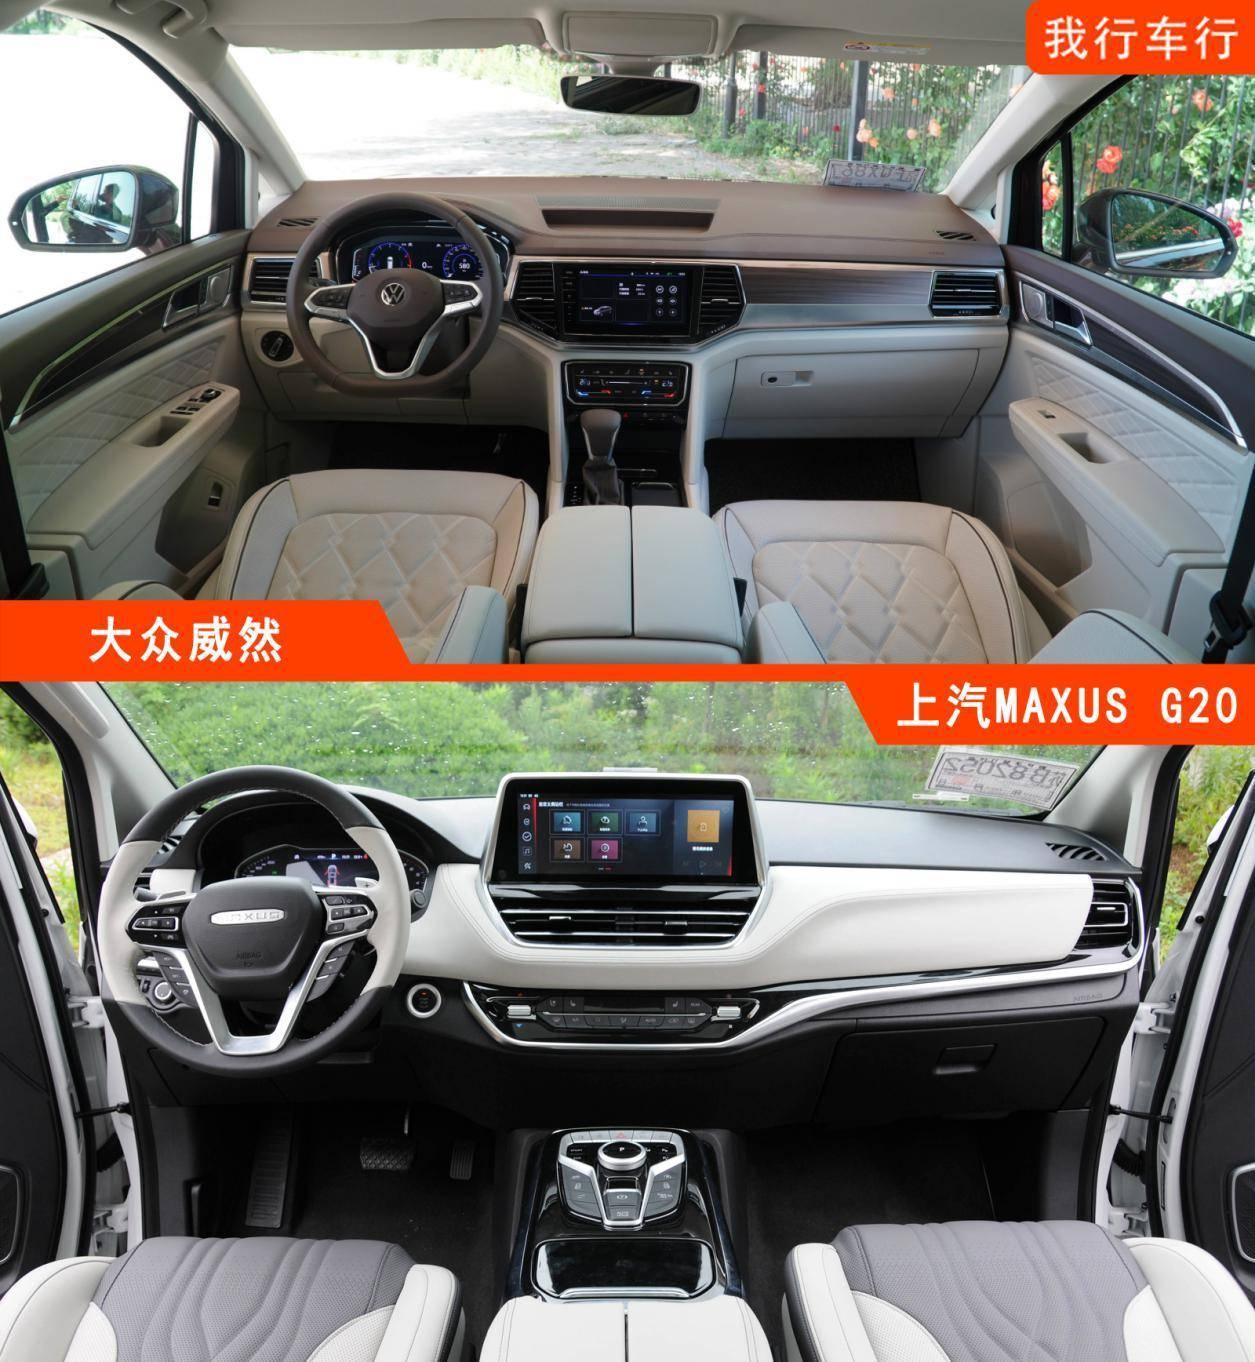 对比完上汽MAXUS G20,感觉新上市的上汽大众威然突然不香了